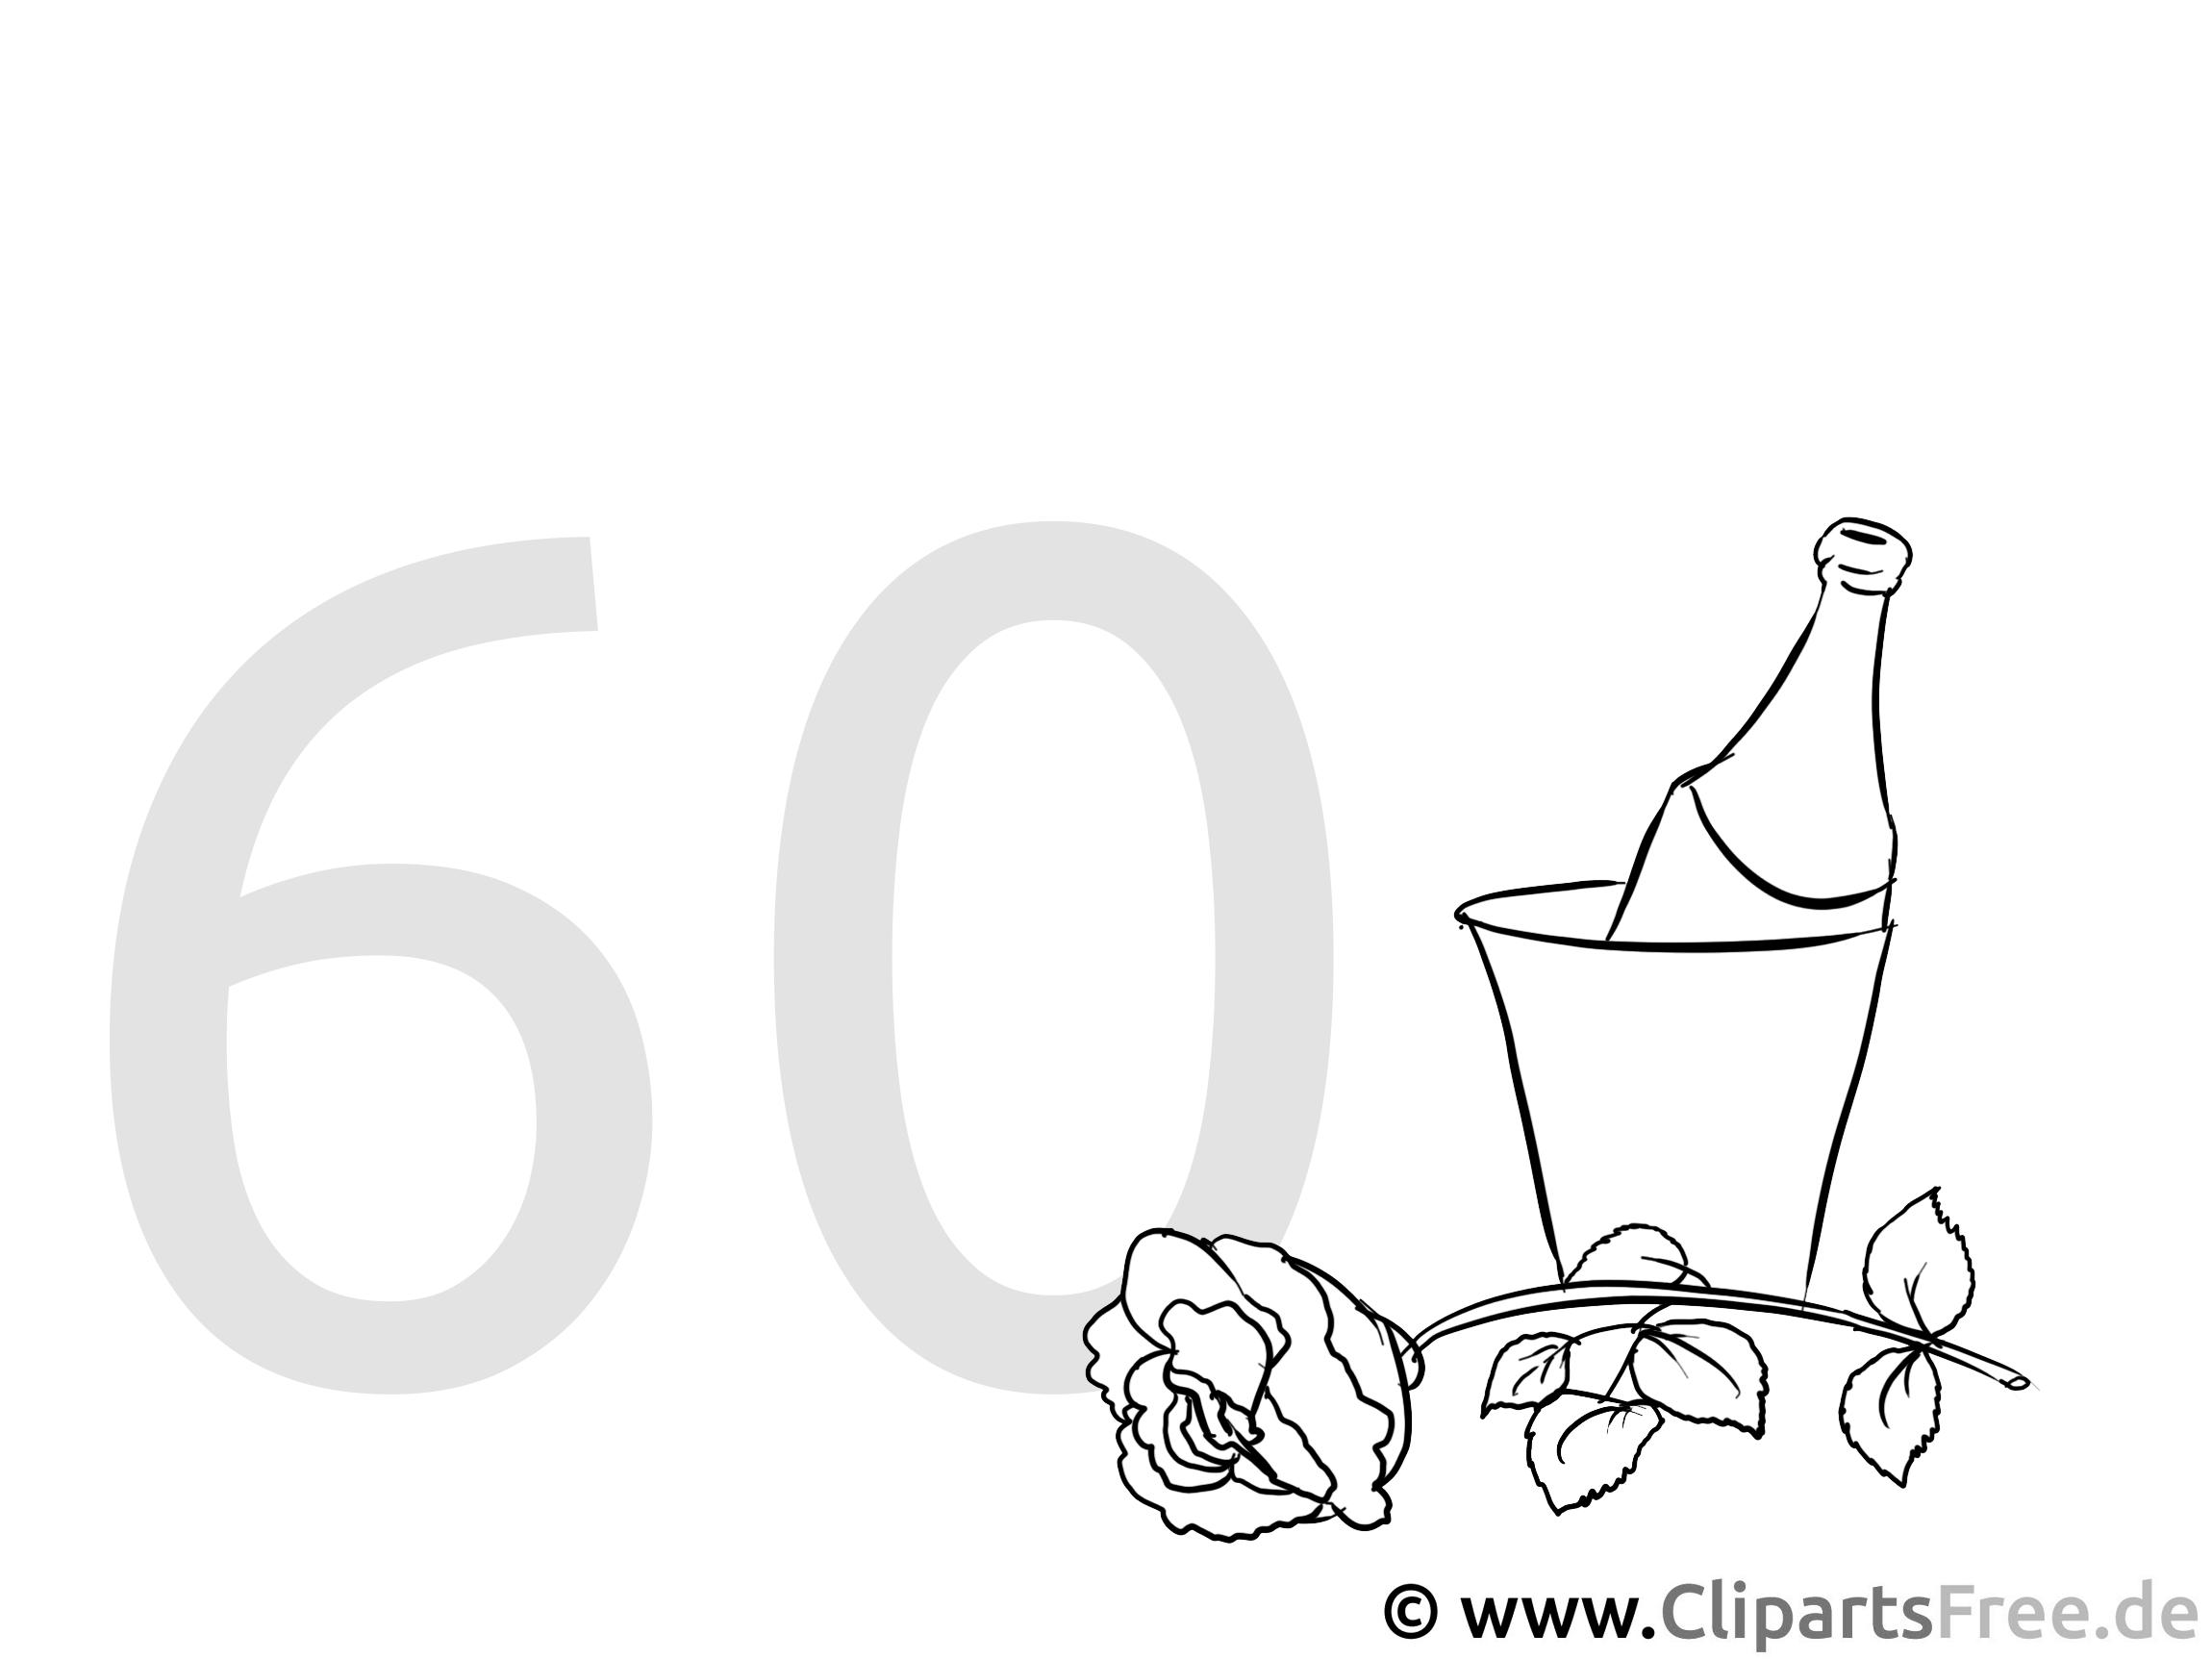 Ausmalbilder Opas Geburtstag : Ausmalbild Zum 60 Geburtstag Ausmalbilder